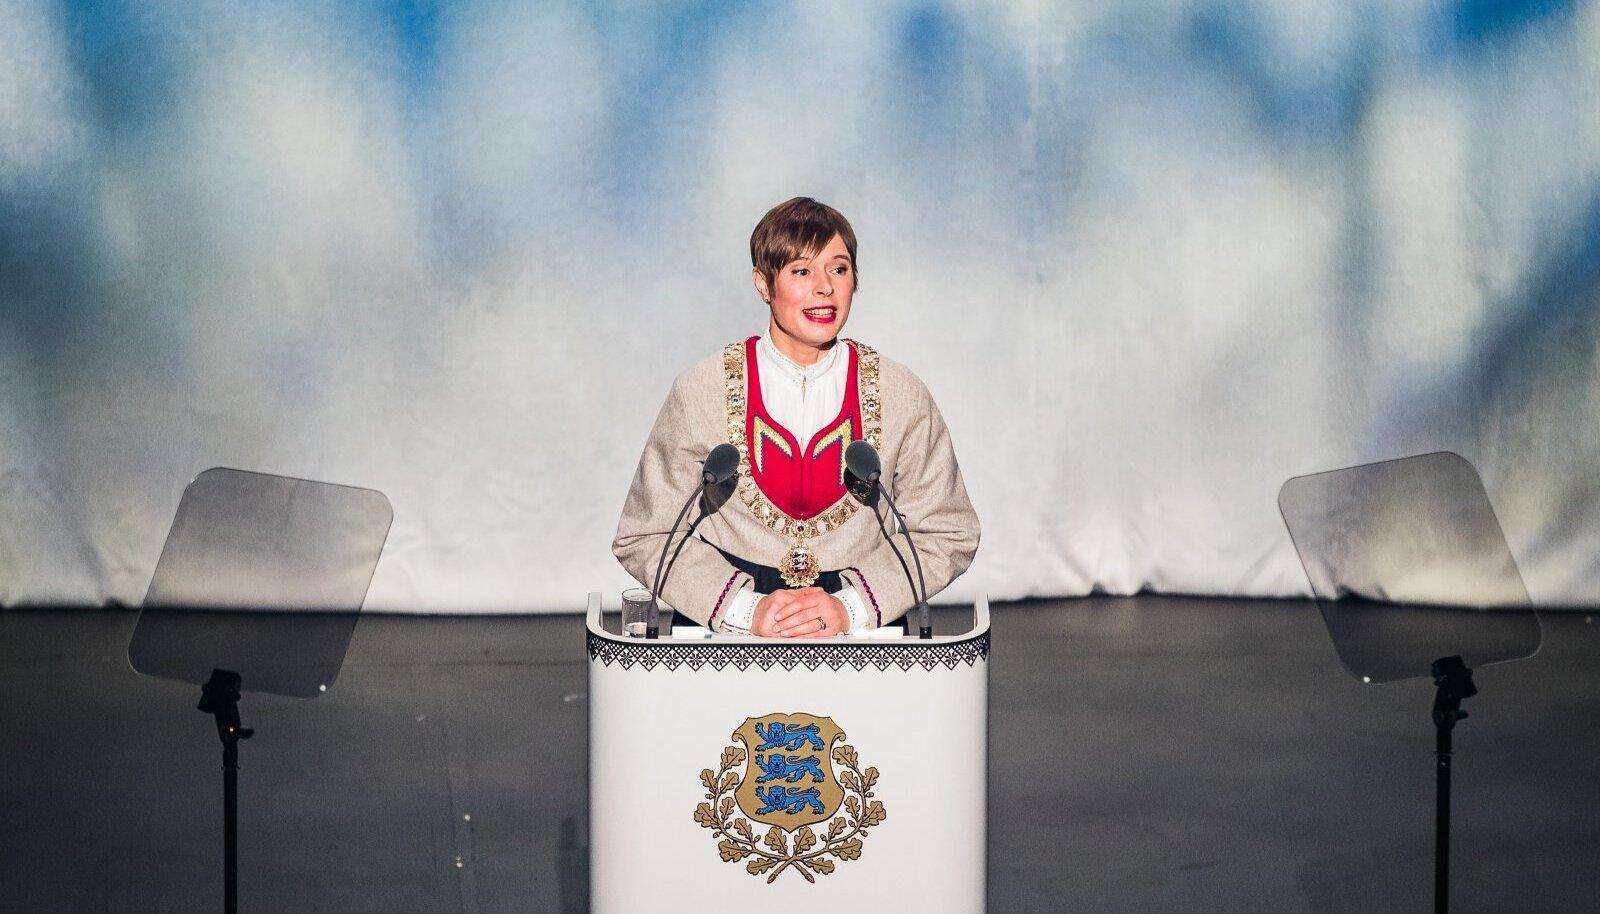 Kersti Kaljulaid on rahva seas selgelt eelistatuim presidendikandidaat. Poliitikud aga arvavad, et küll populaarsus ka nende lemmikutele külge hakkab.